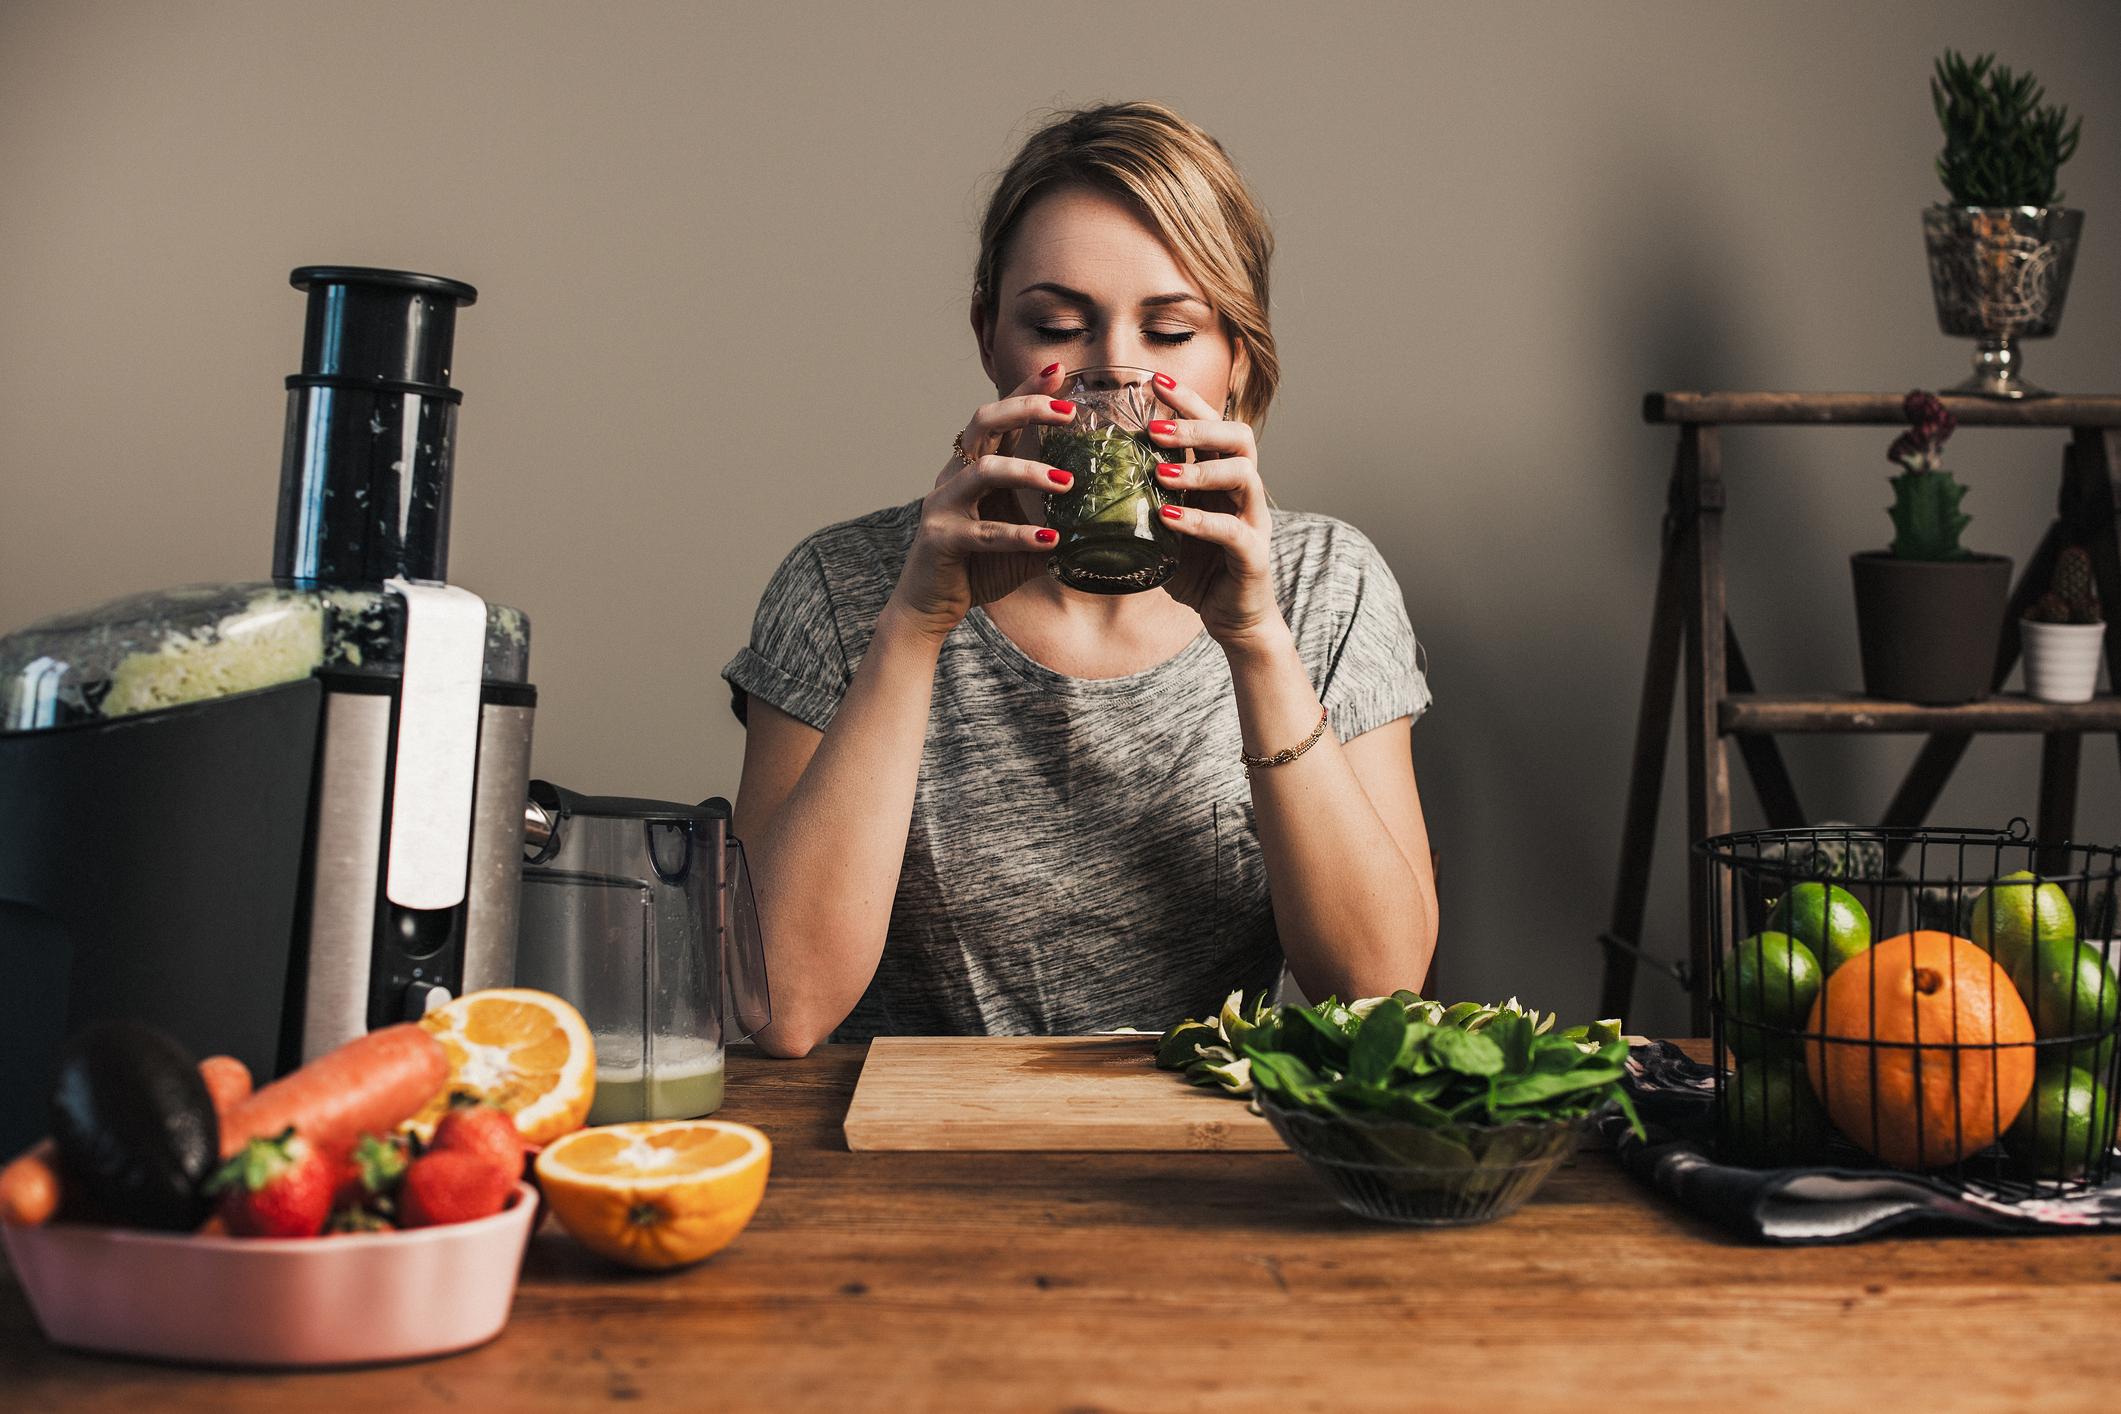 Prelazak na vegansku prehranu prilika je da naučite više o prehrani, o tomu kako napraviti ravnotežu u unosu nekih prehrambenih namirnica te na koji način hranu obogatiti dodacima koji nedostaju.